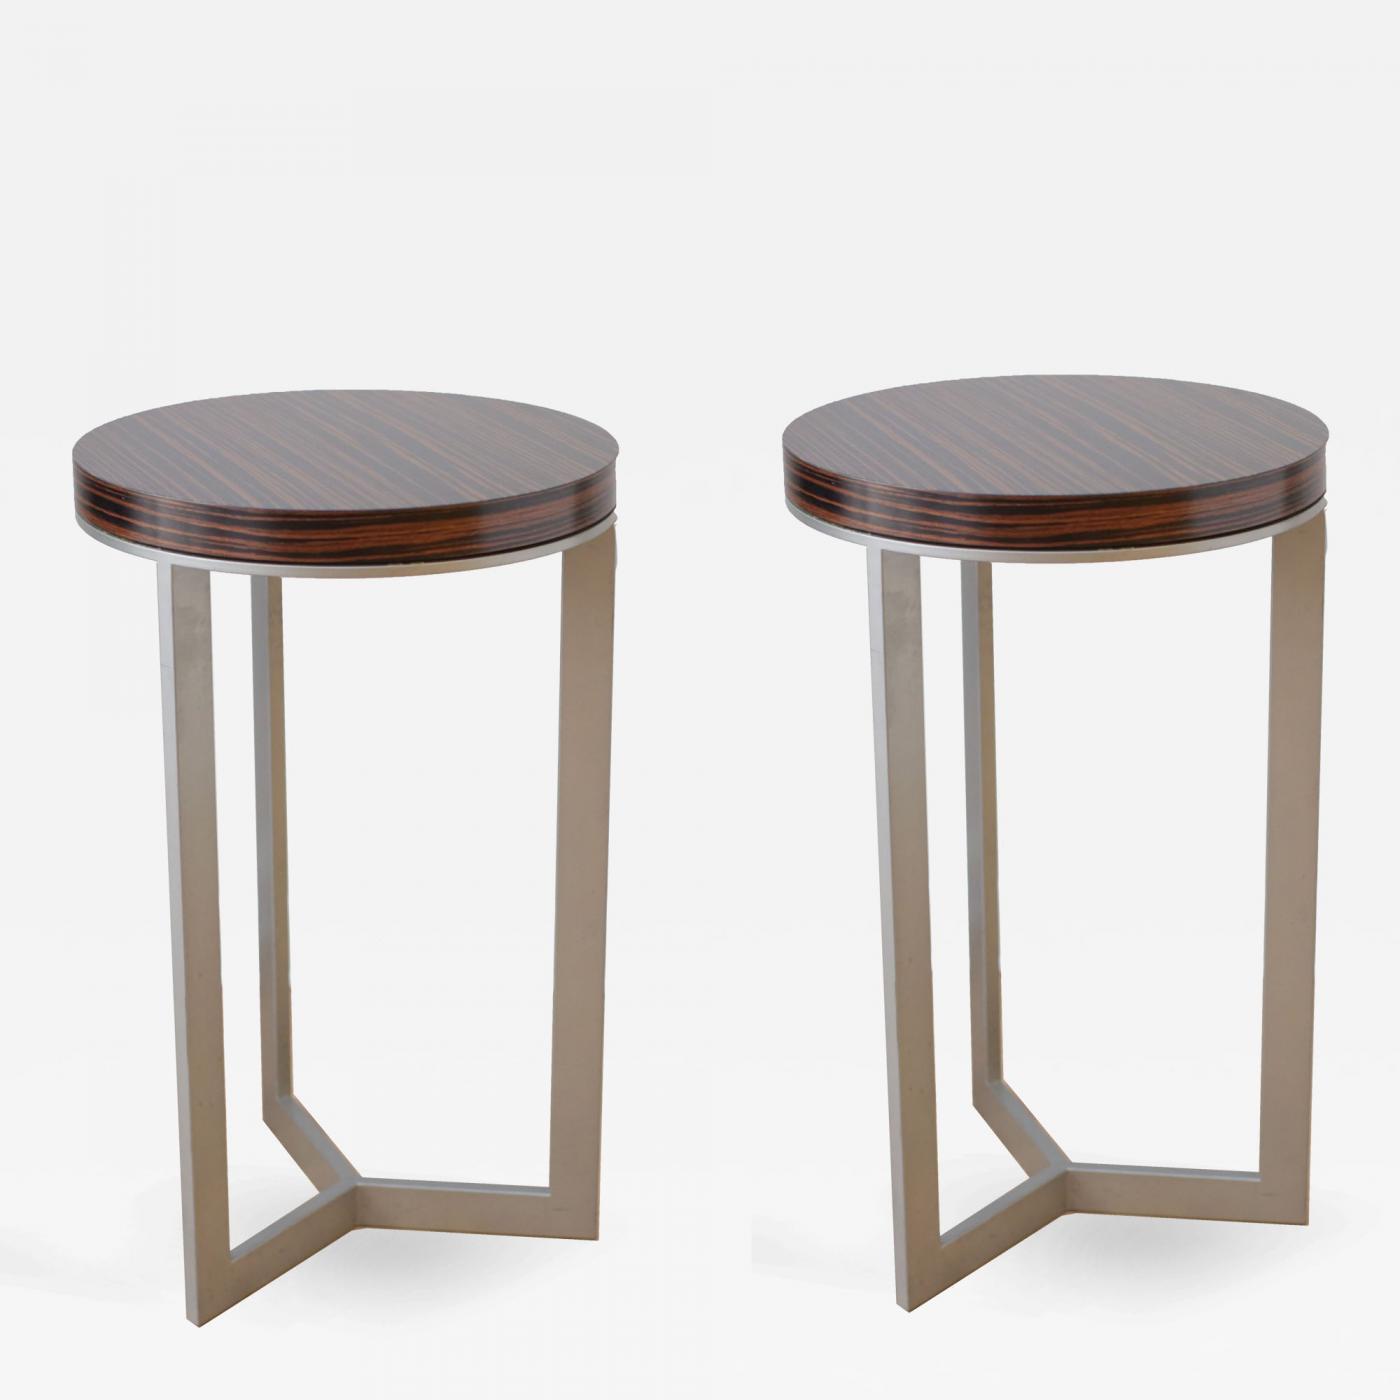 Listings / Furniture / Seating / Stools · Mid Century Macassar Ebony ...